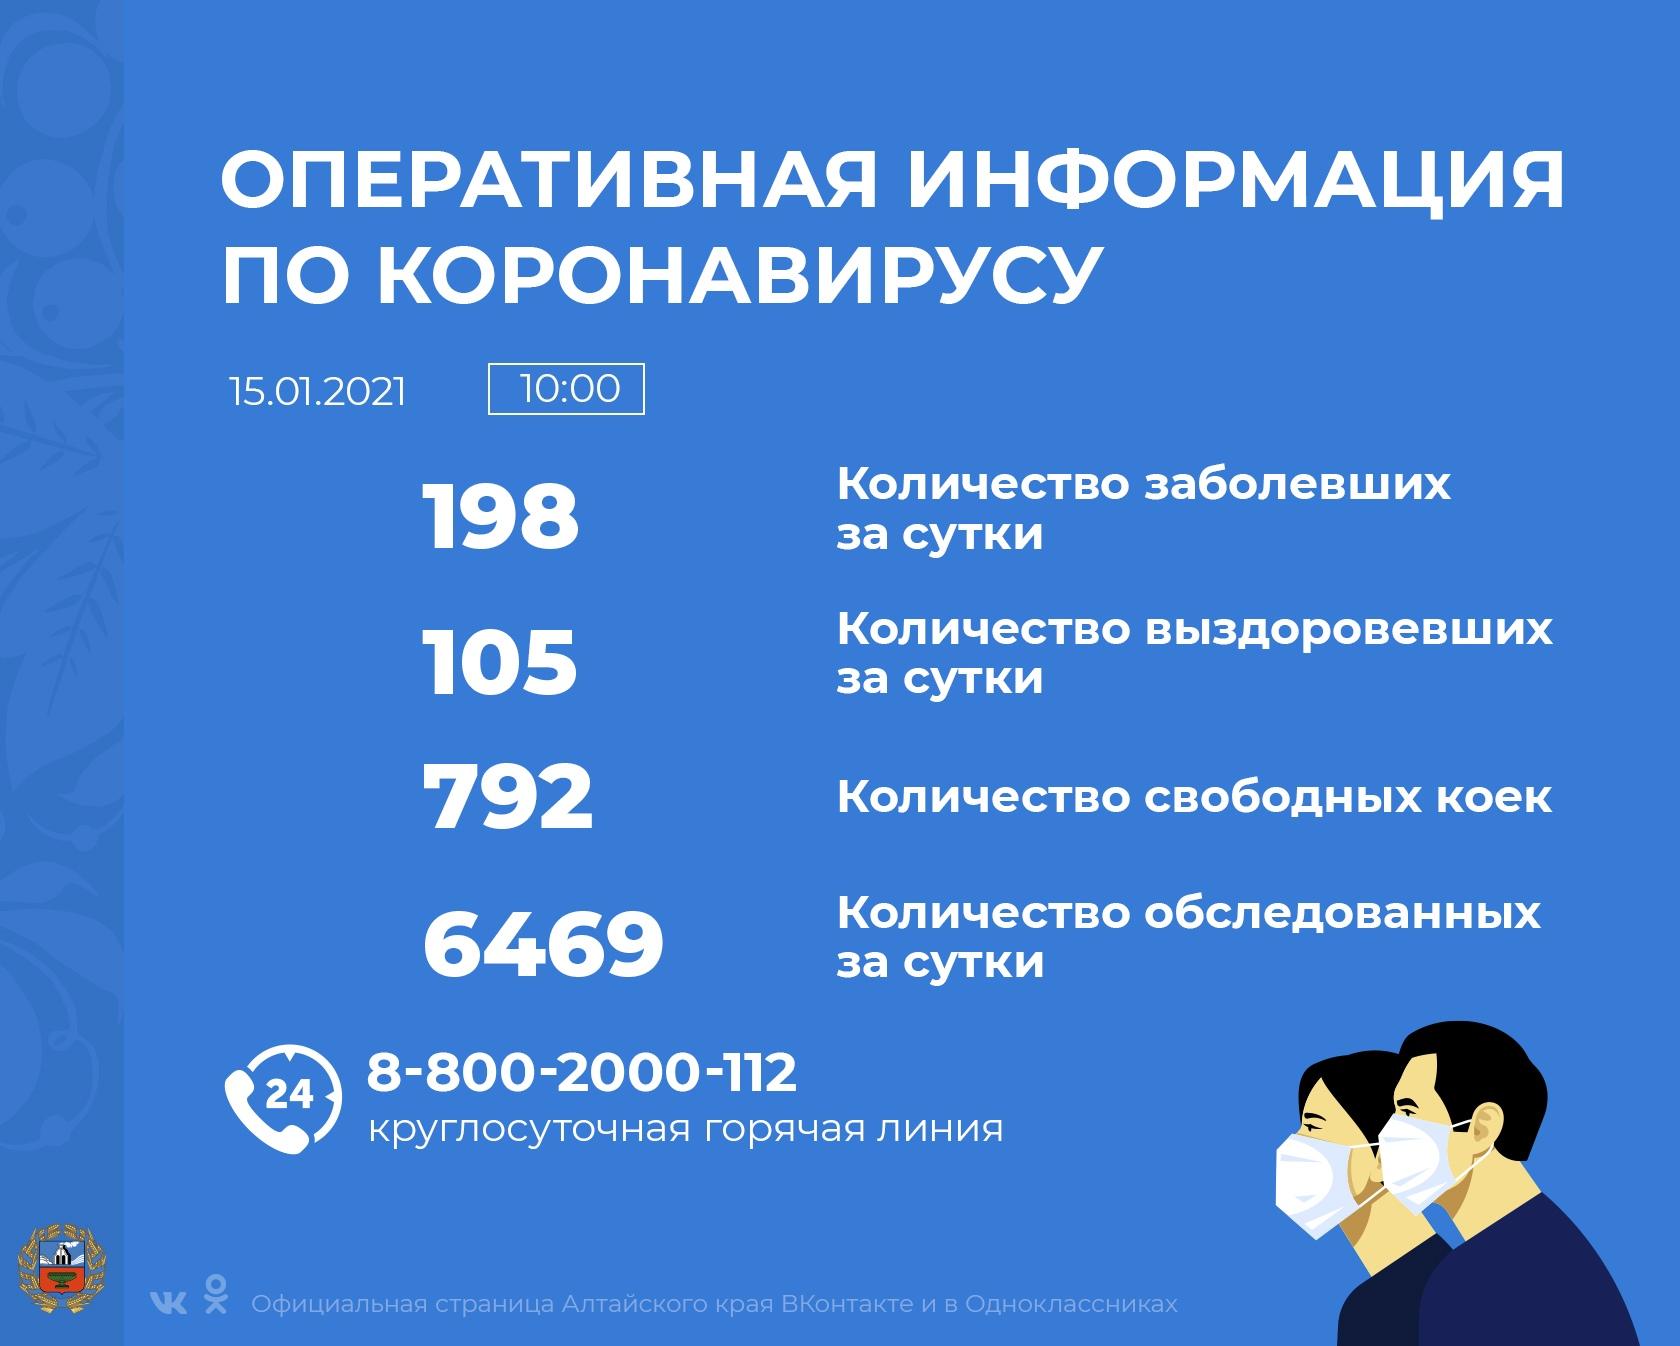 Коронавирус в Алтайском крае - ситуация на 15 января 2021